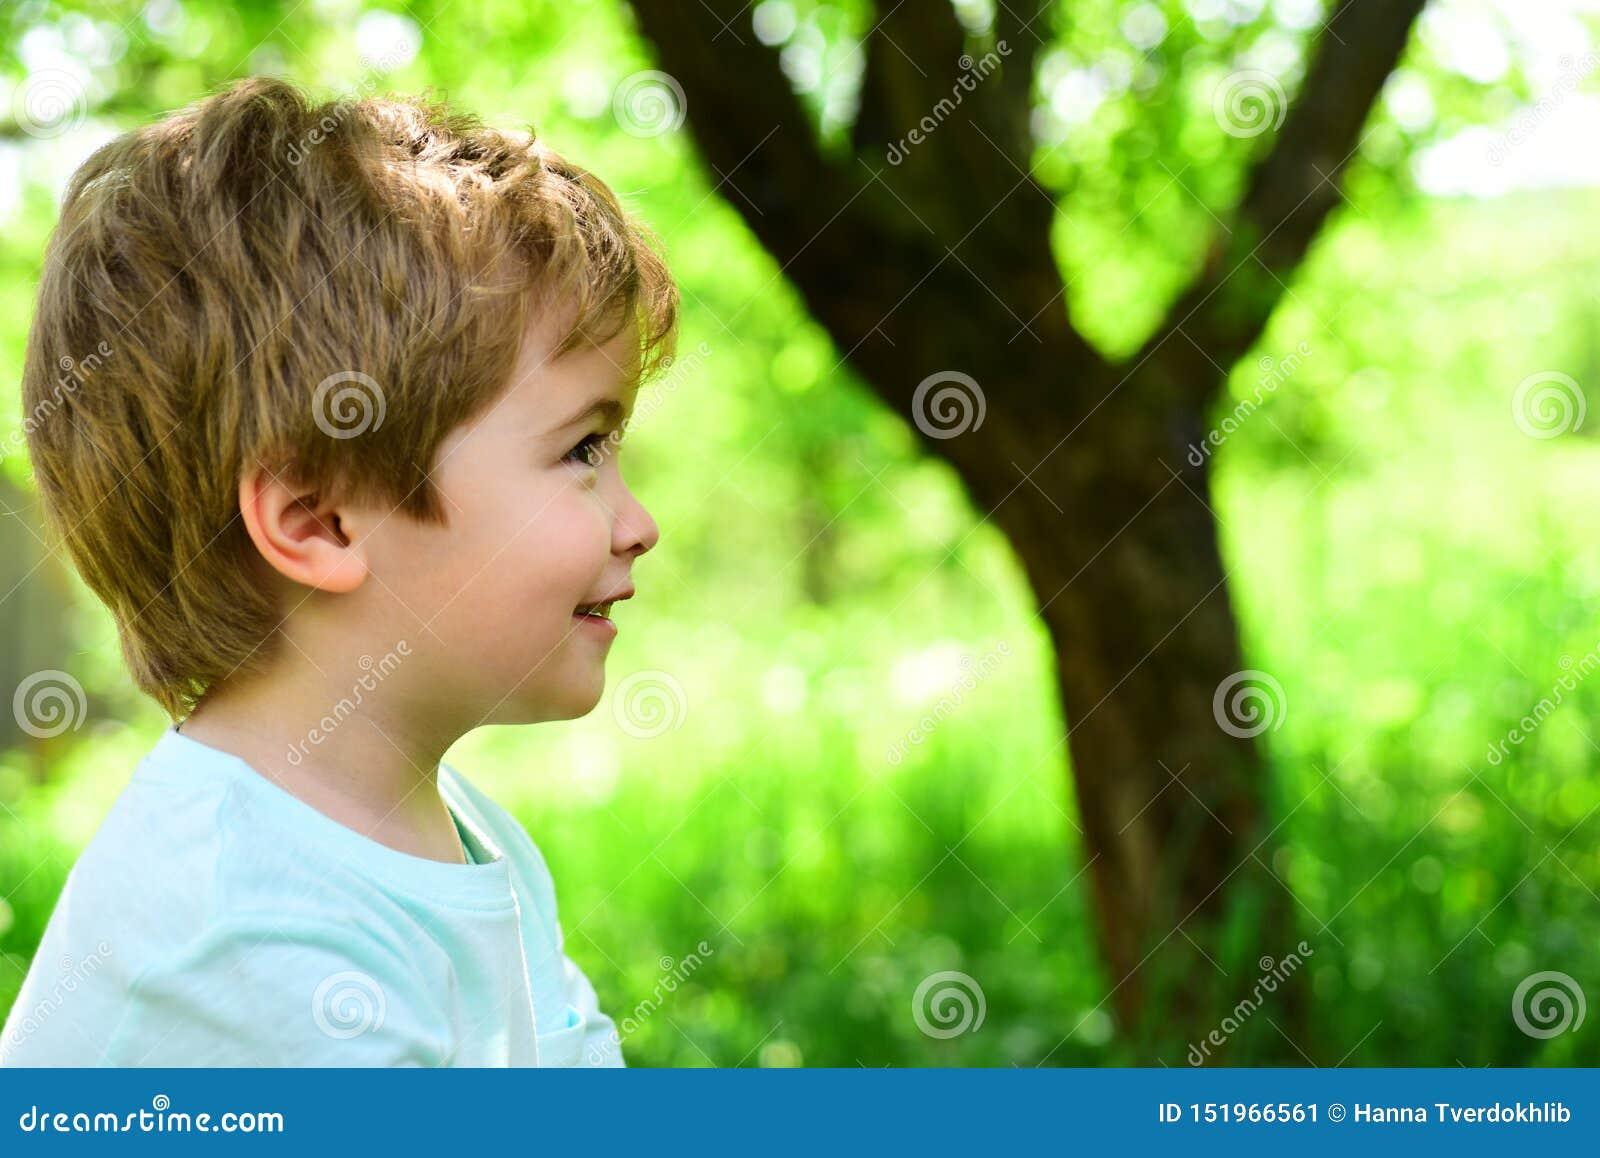 Barn på grön naturbakgrund v?r och gl?dje den away pojken little ser St?ende Allergi och pollinosis h?rligt